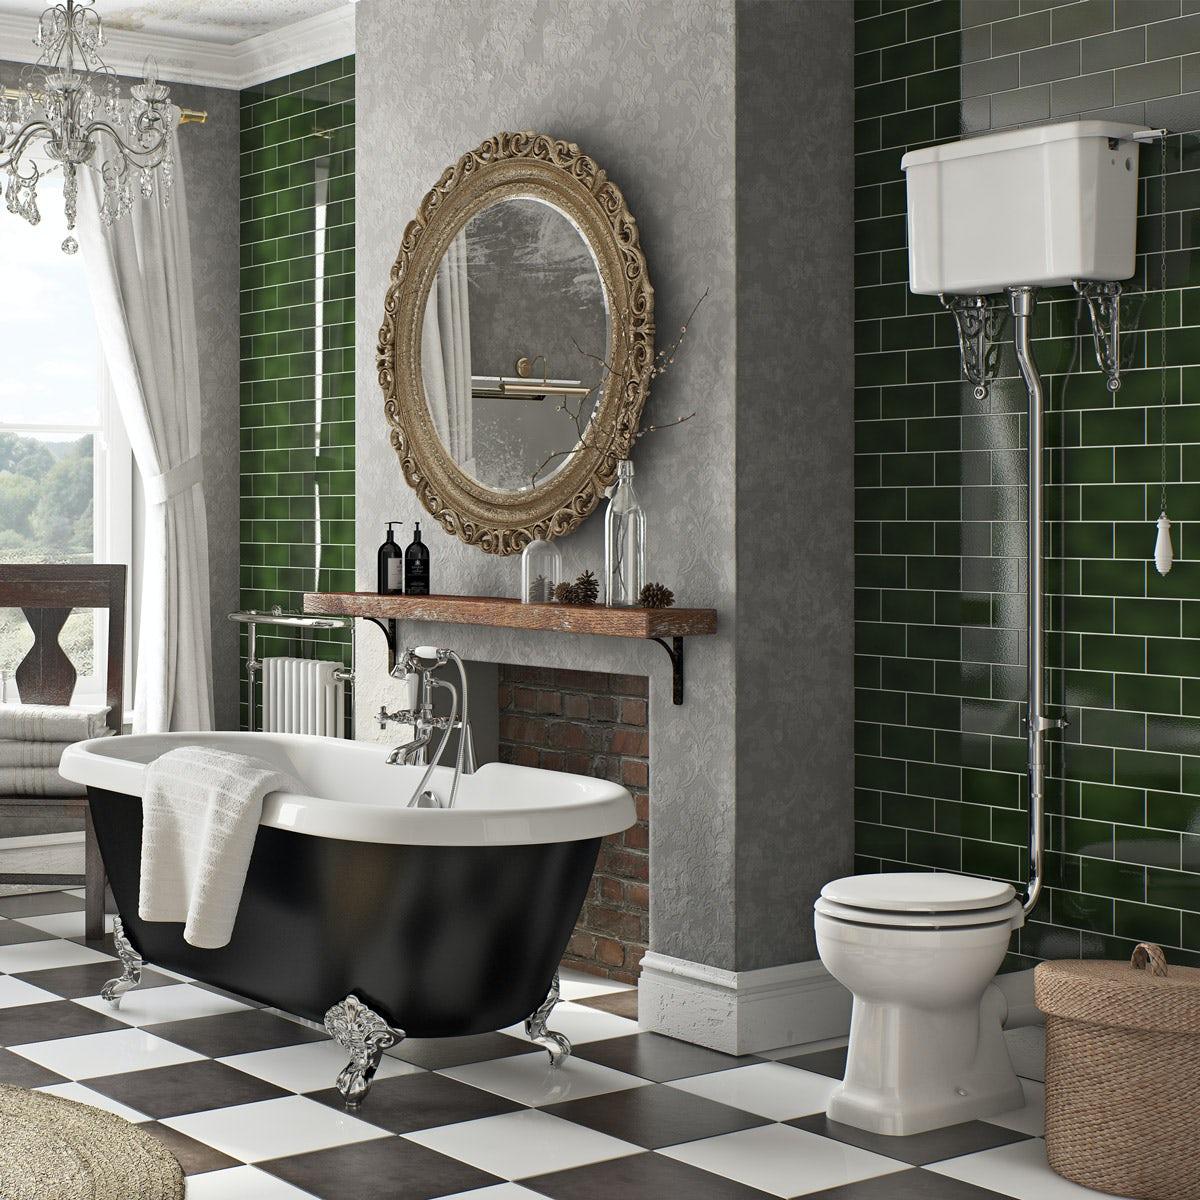 British ceramic tile pure white matt floor 331mm x 331mm new british ceramic tile pure white matt floor 331mm x 331mm dailygadgetfo Images